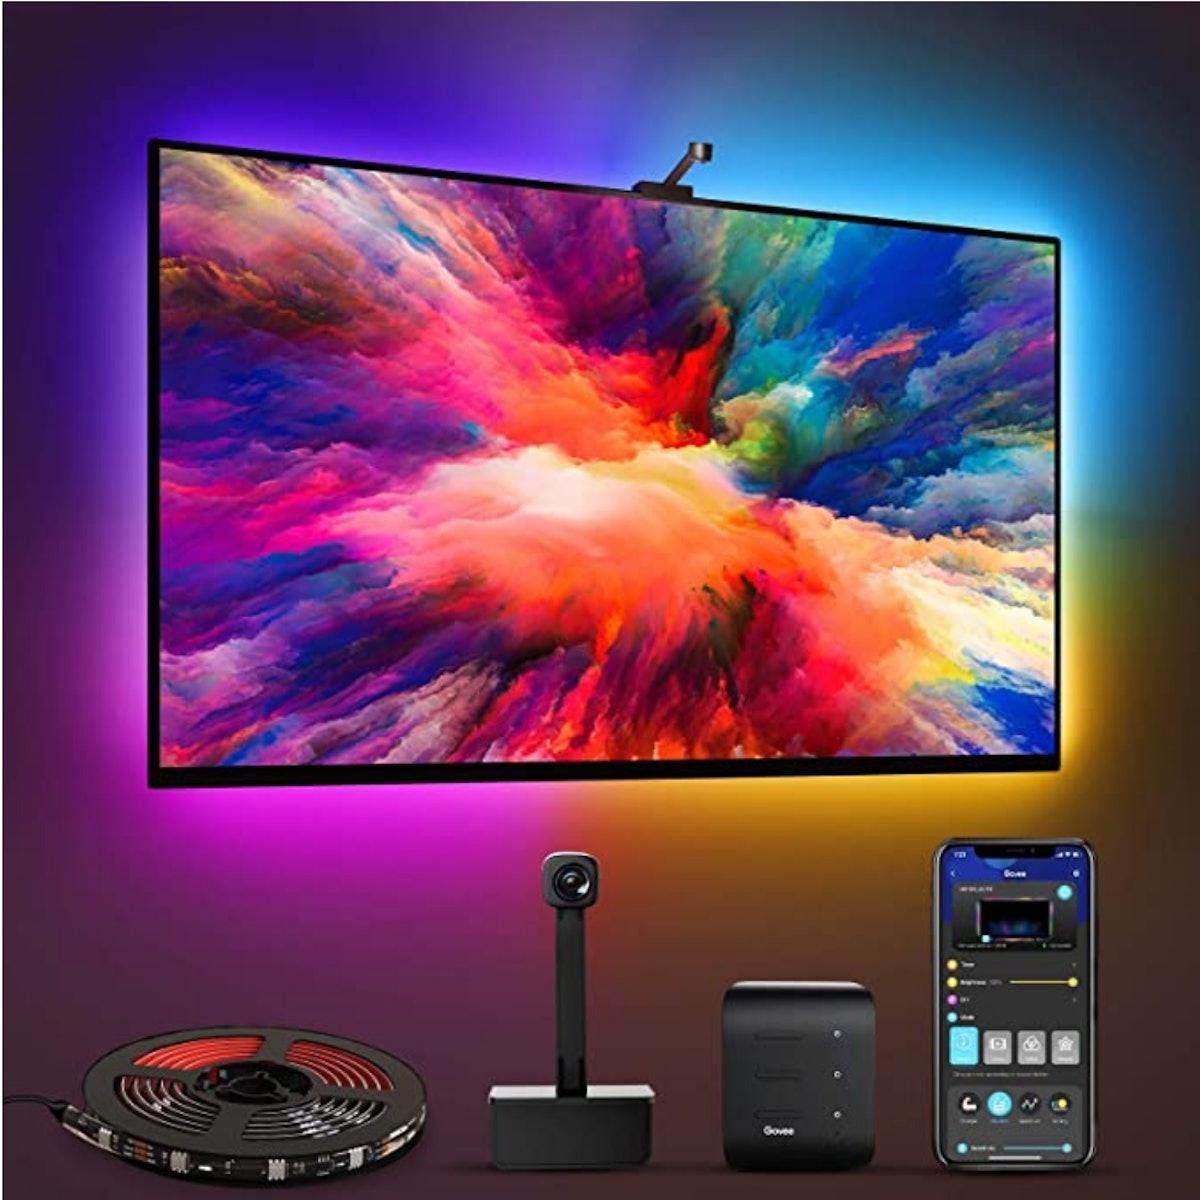 Govee Immersion TV LED Backlights